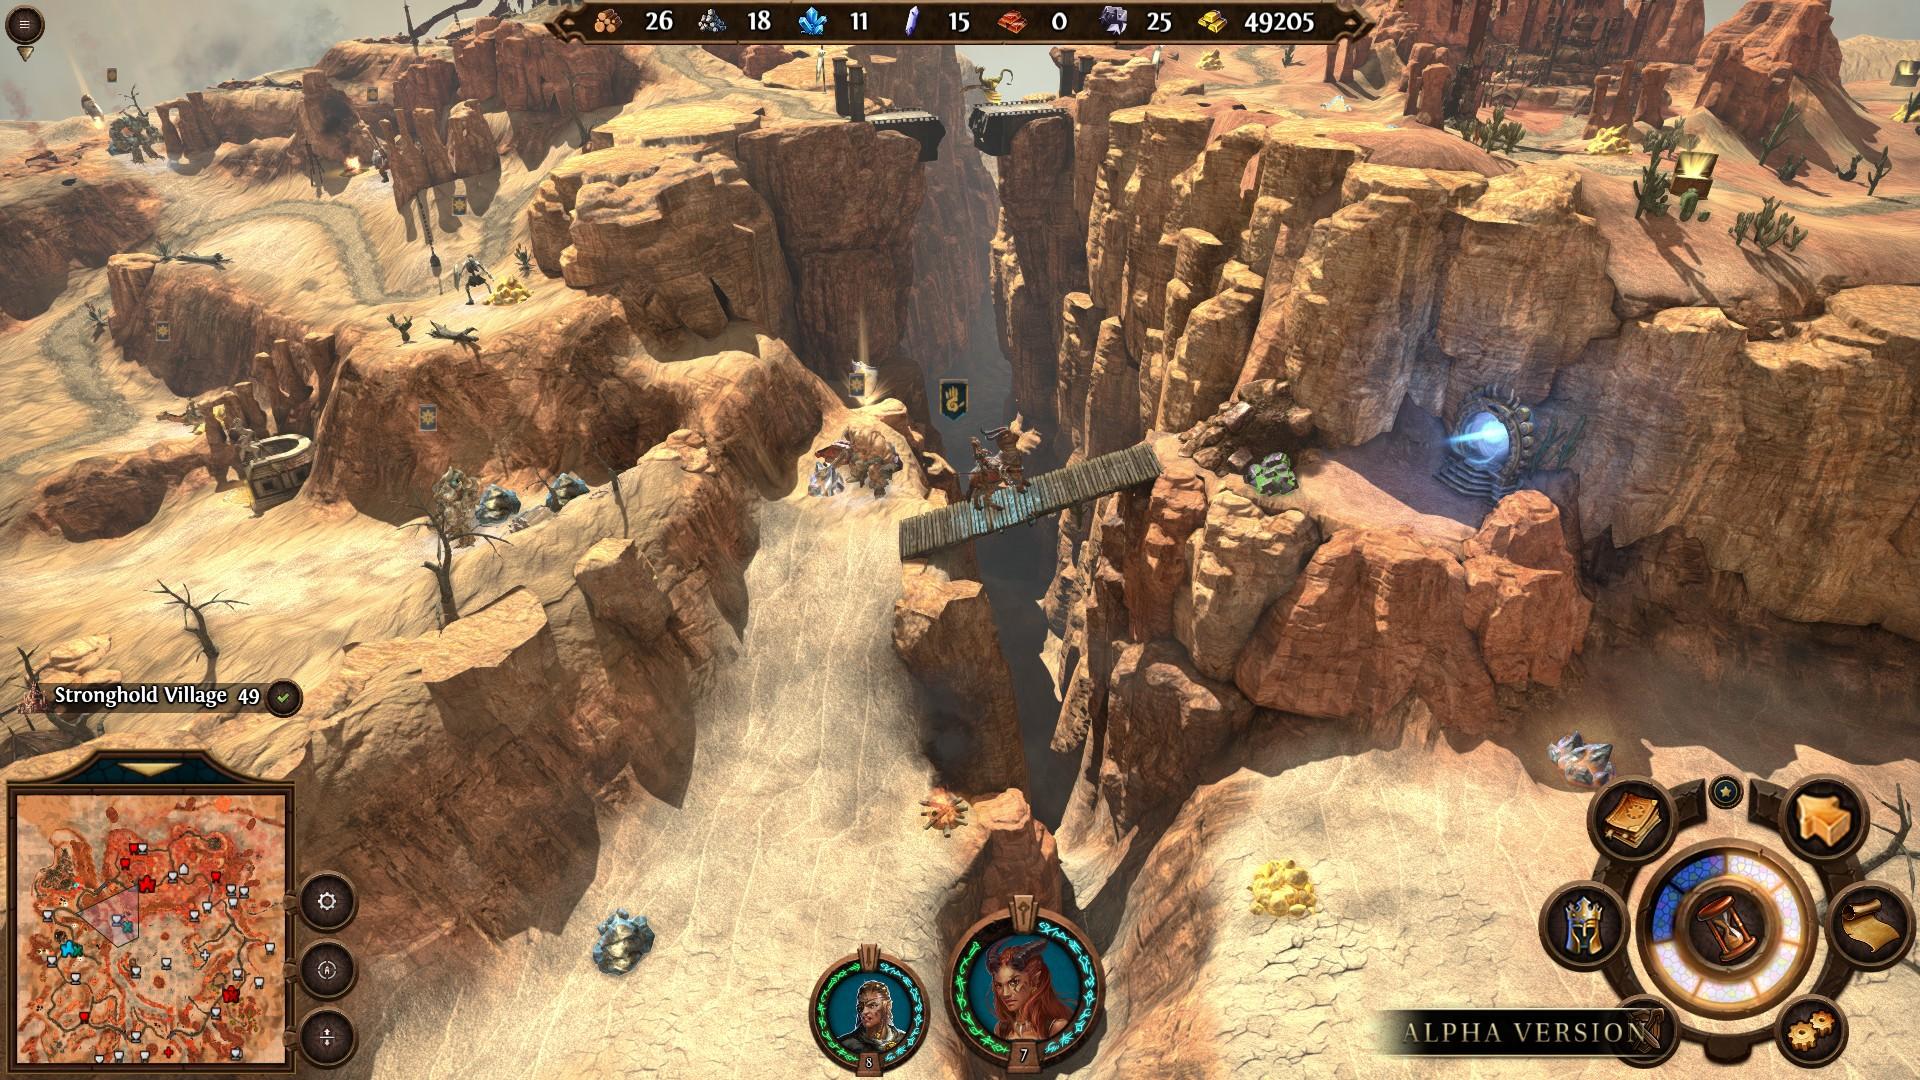 《魔法門之英雄無敵 7》繁體中文版 Beta 測試將於本月底展開